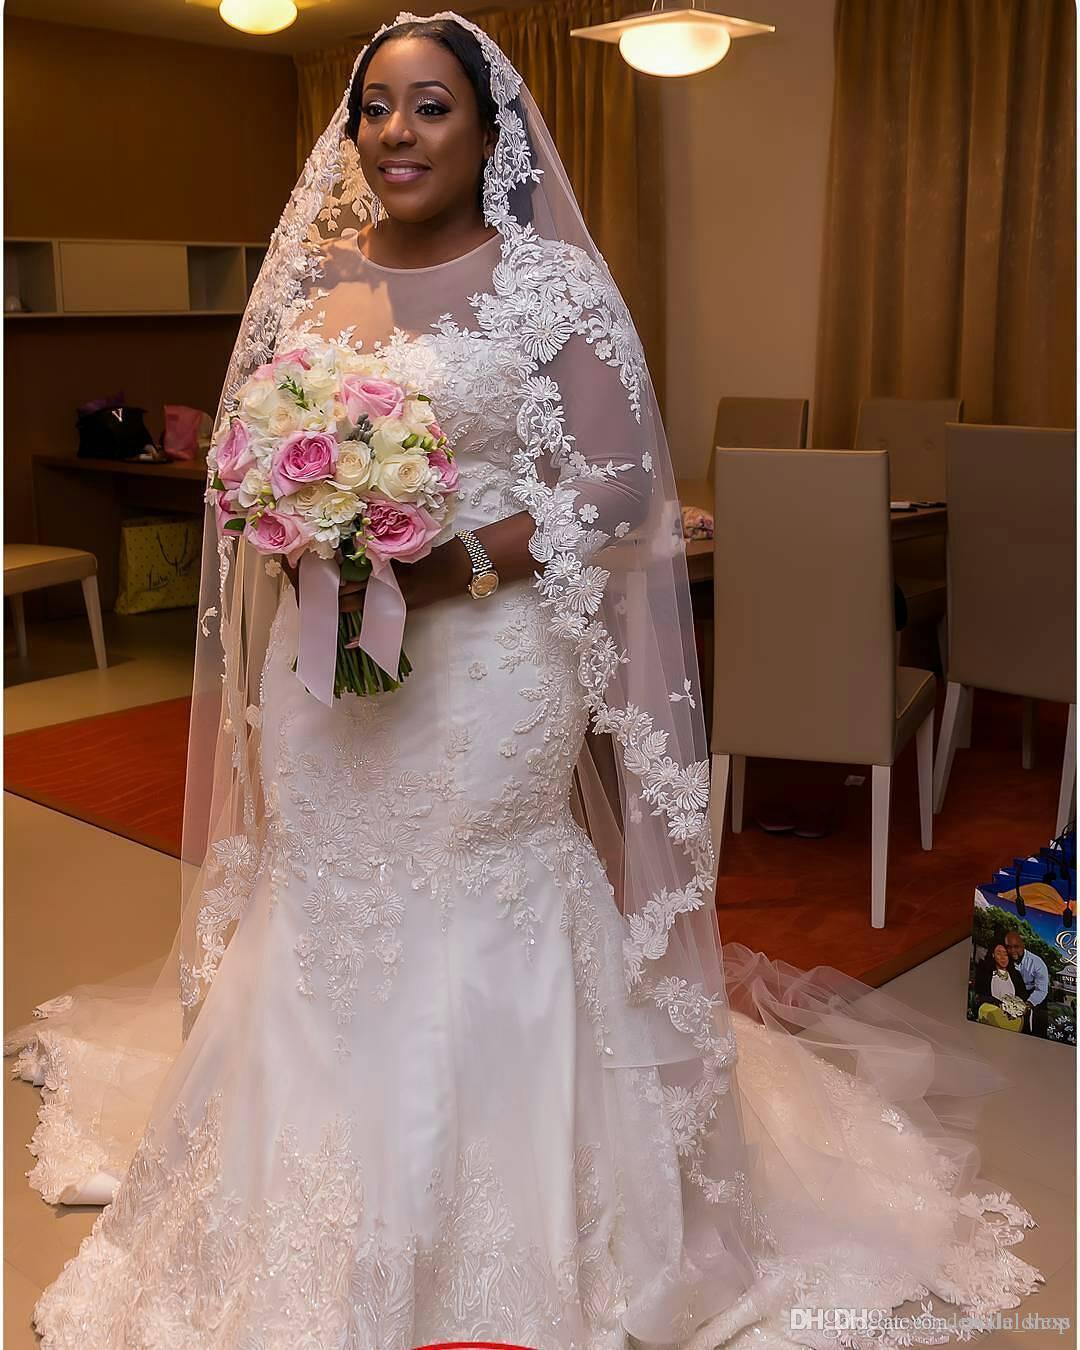 2021 África Plus Size Sereia Vestidos de Noiva Jóia 3/4 Manga Longa Varredura de Varredura Ilusão Bodice Appliques Frisado Capela Country Vestidos Noiva